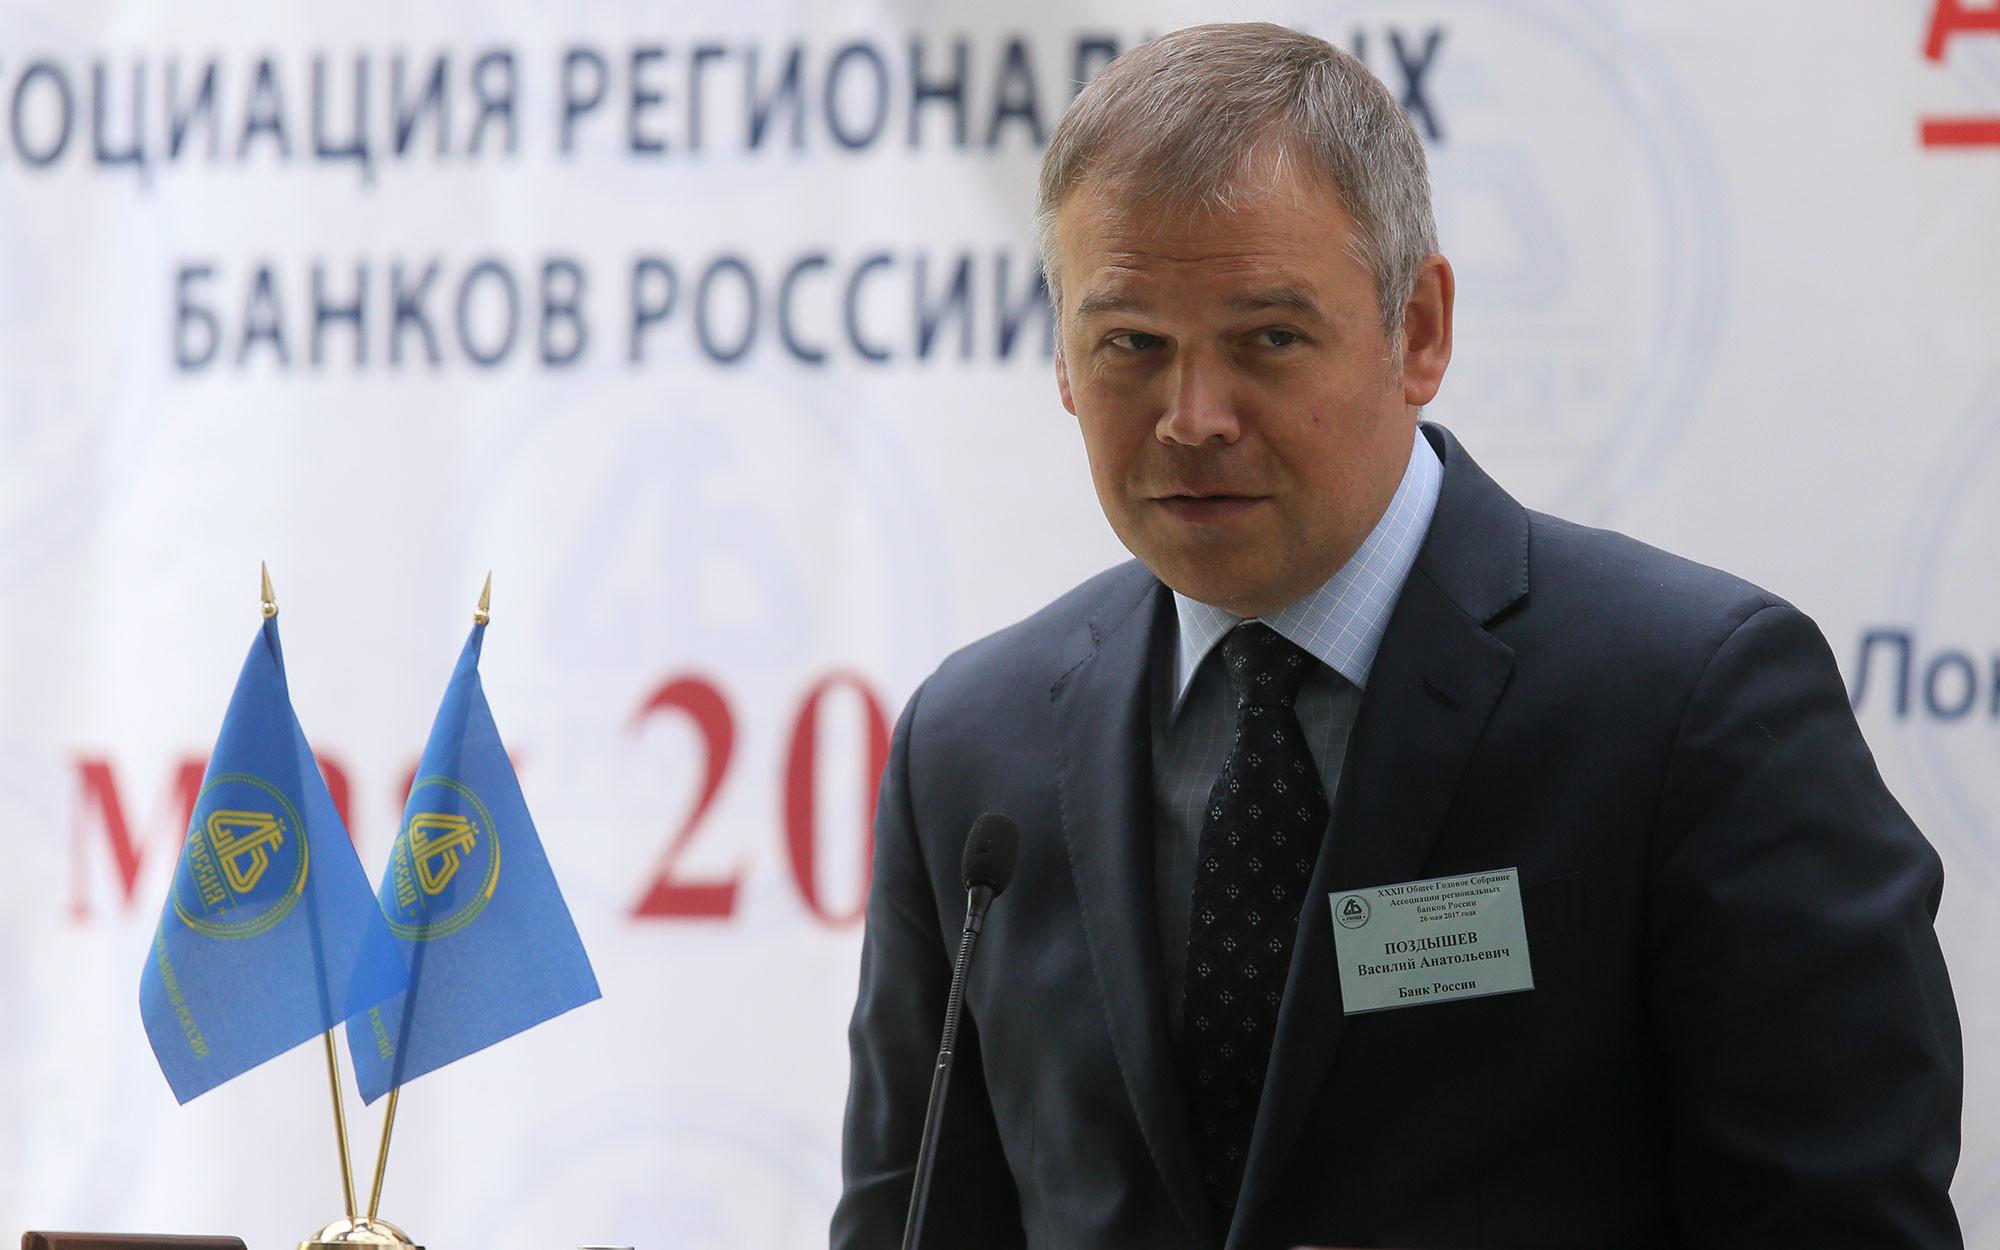 Заместитель председателя Центрального банка России Василий Поздышев. Фото: © РИА Новости / Виталий Белоусов